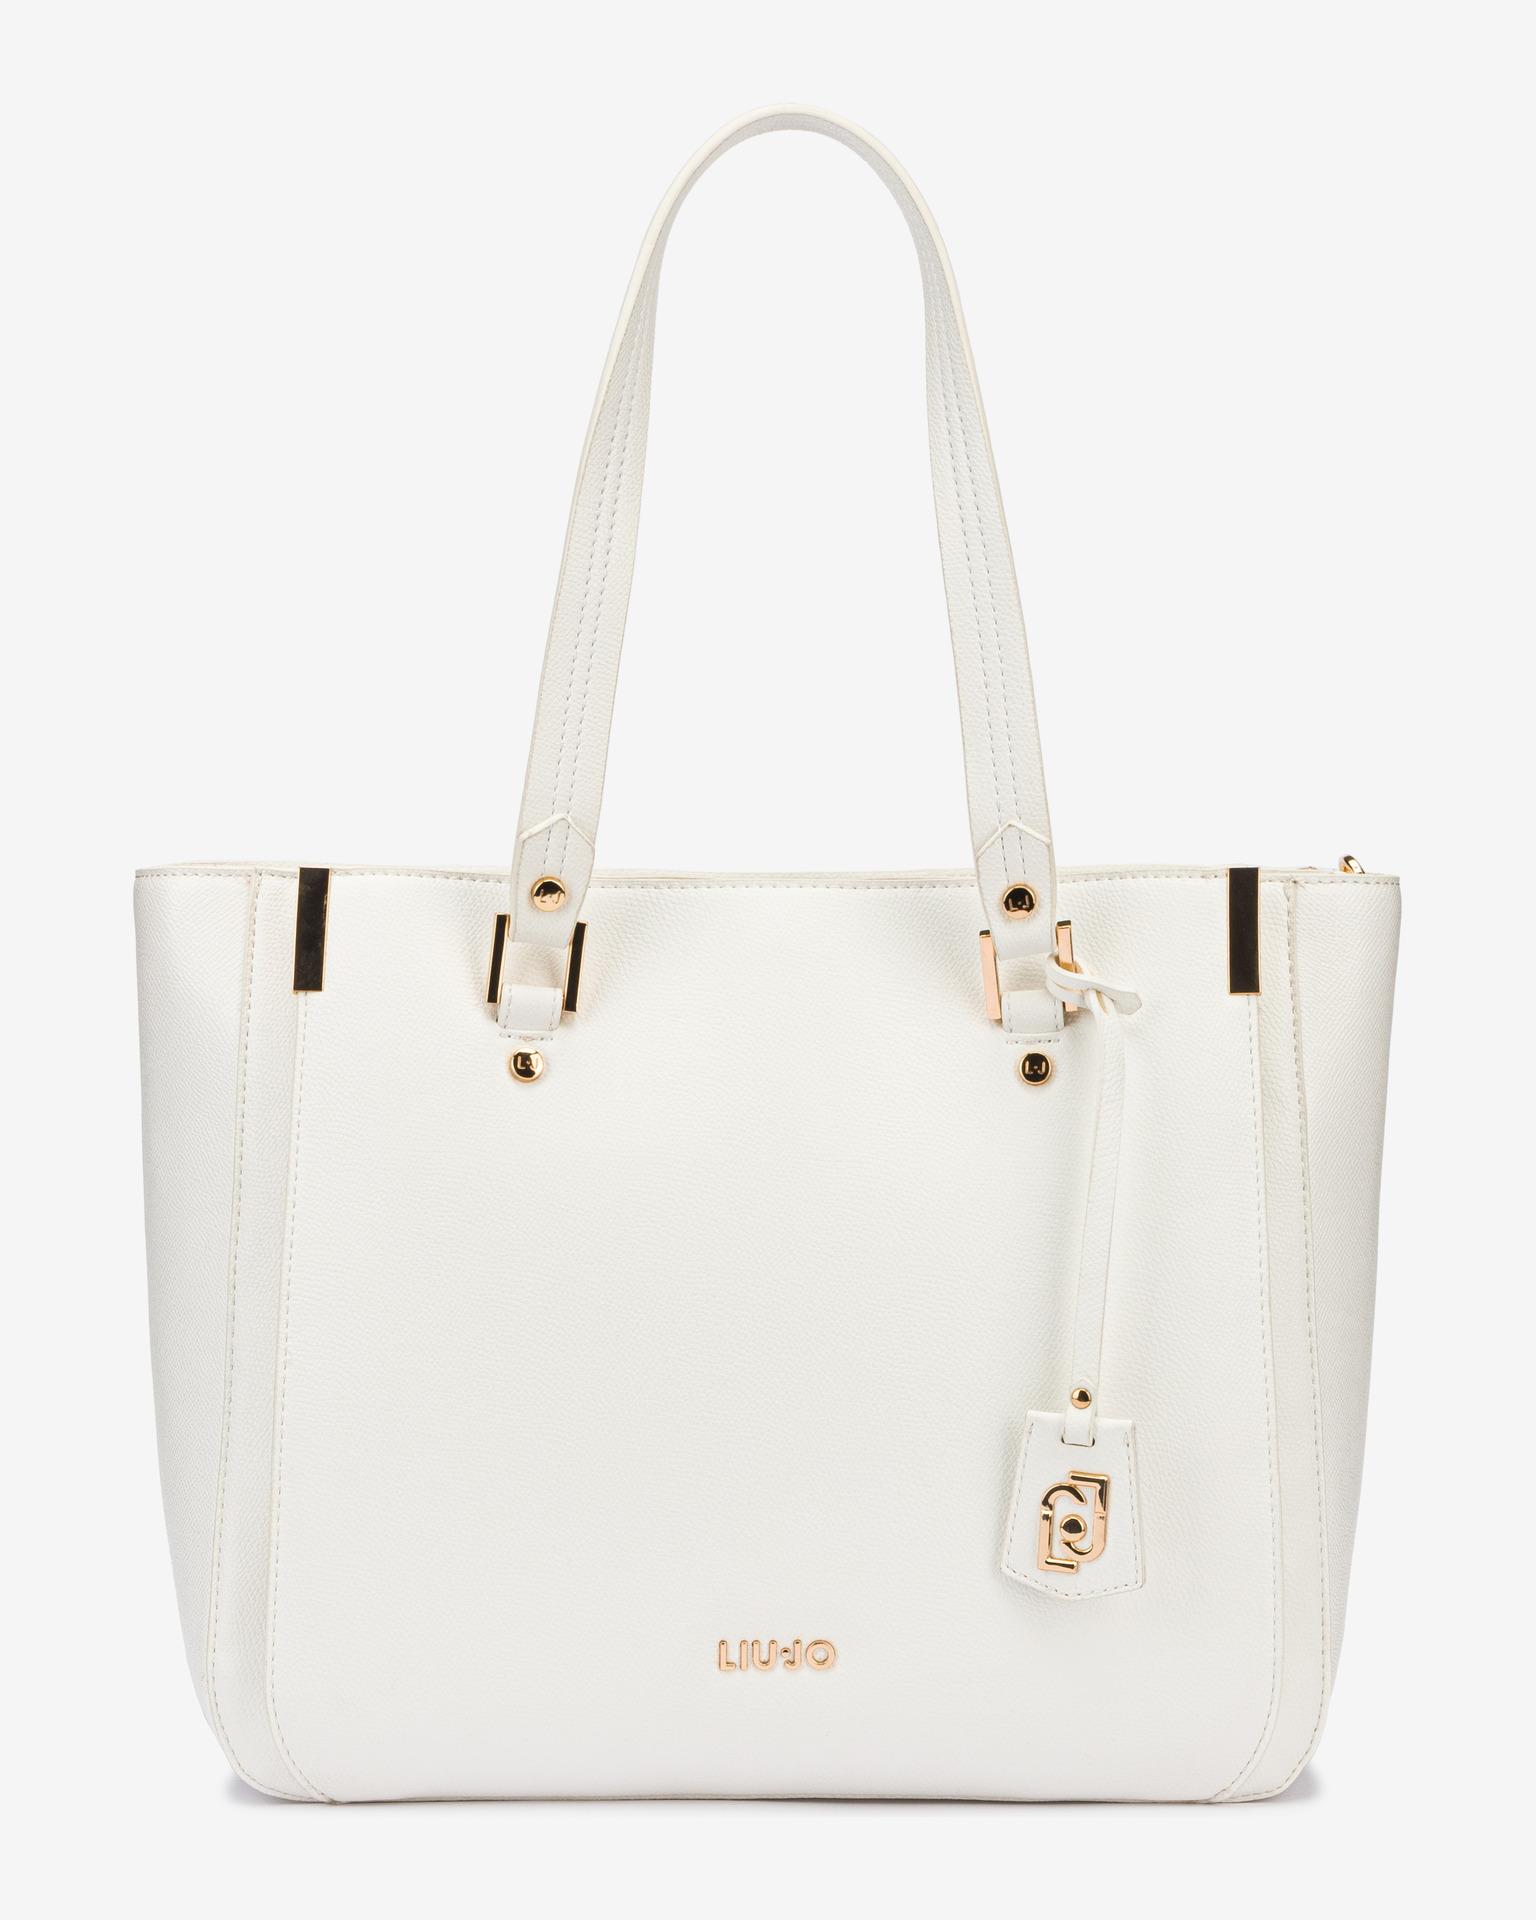 Liu Jo white handbag